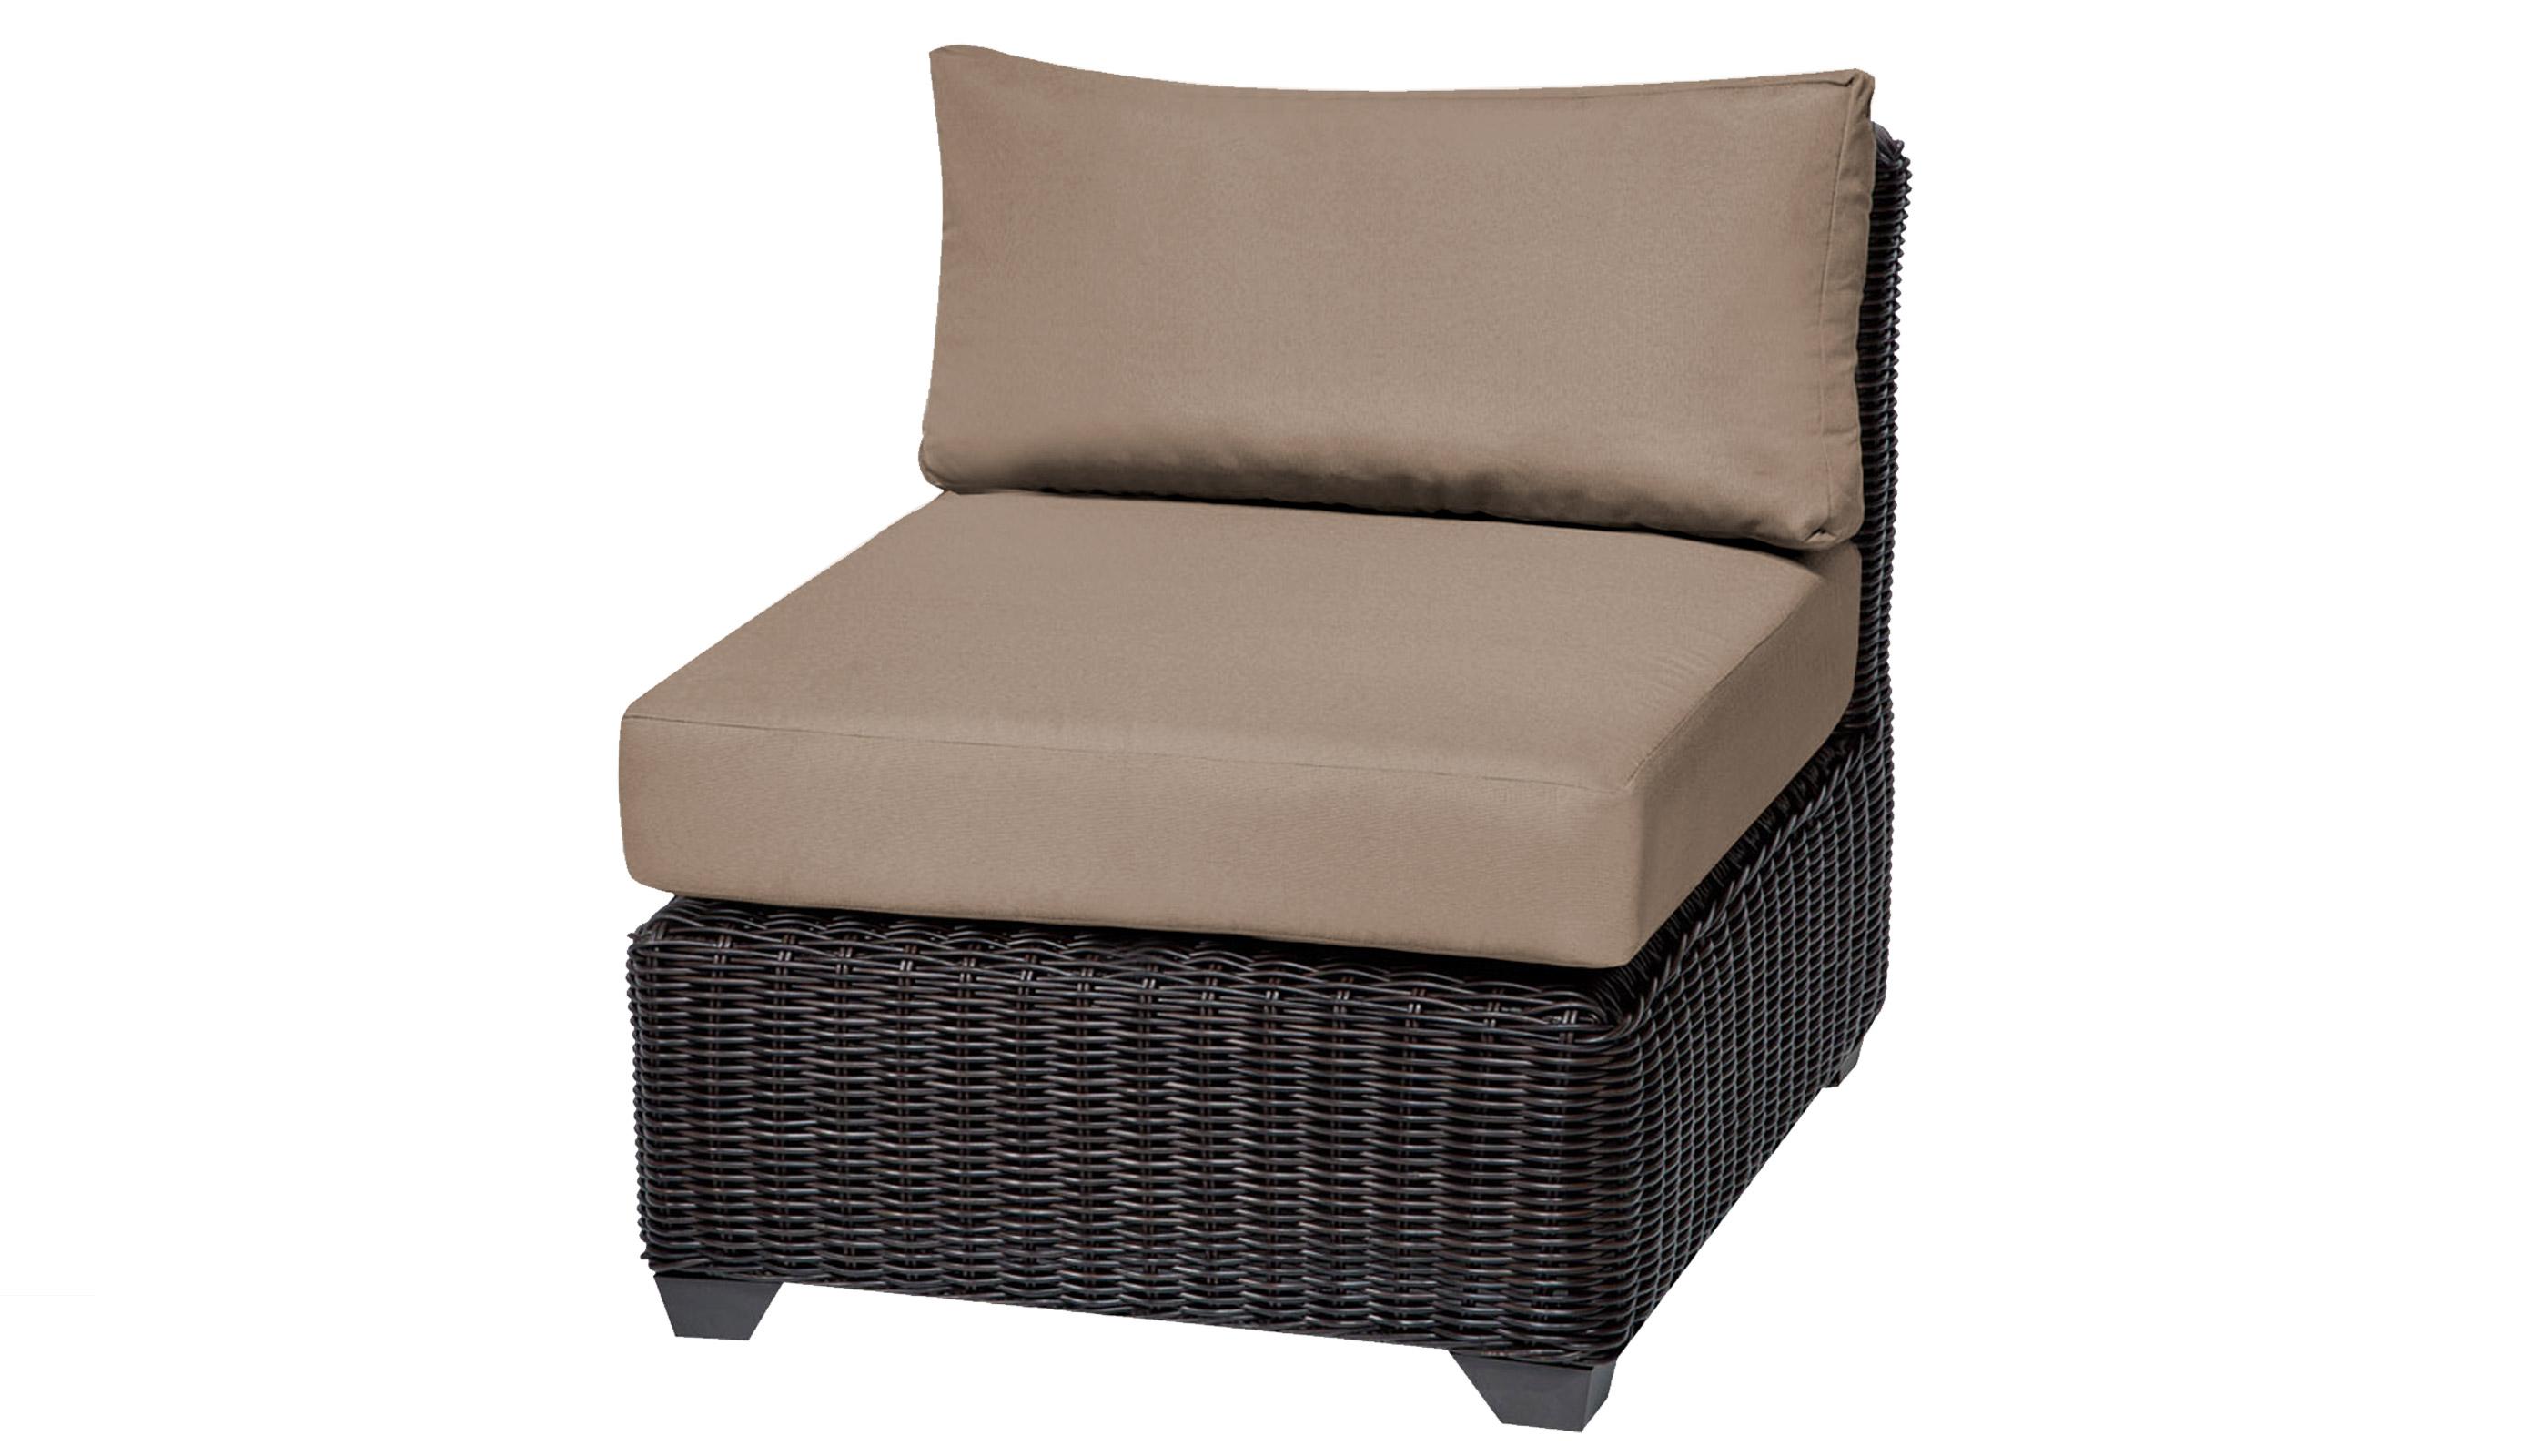 TK Classics Venice Armless Sofa : TKC050b AS WHEAT from www.tkclassics.com size 1000 x 1000 jpeg 135kB